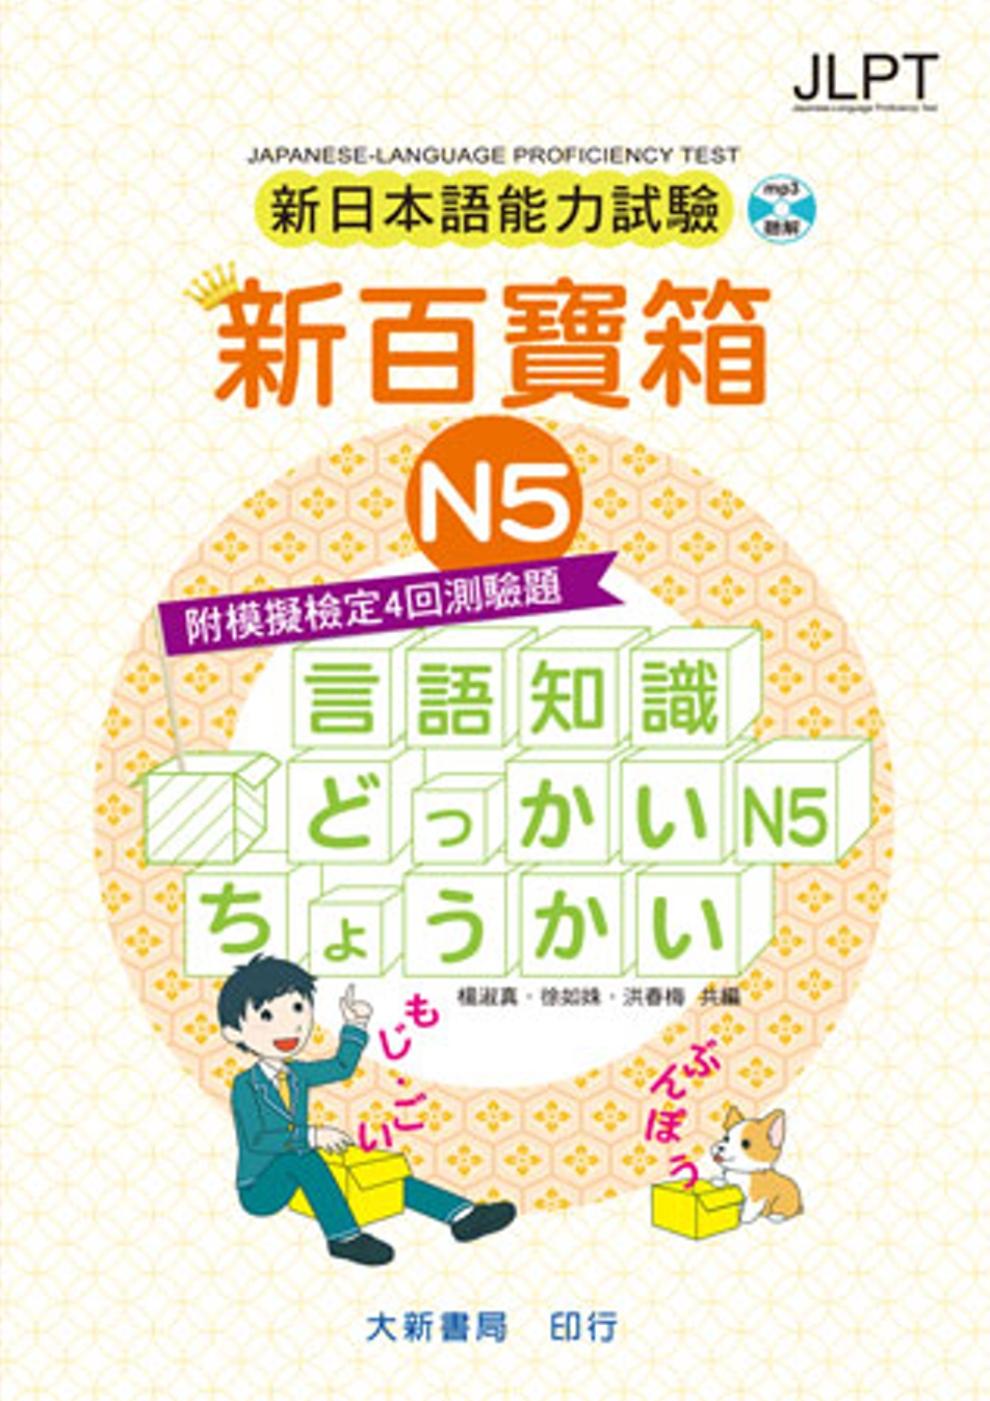 新日本語能力試驗 附模擬檢定4回測驗題 新百寶箱N5(附CD 2片)